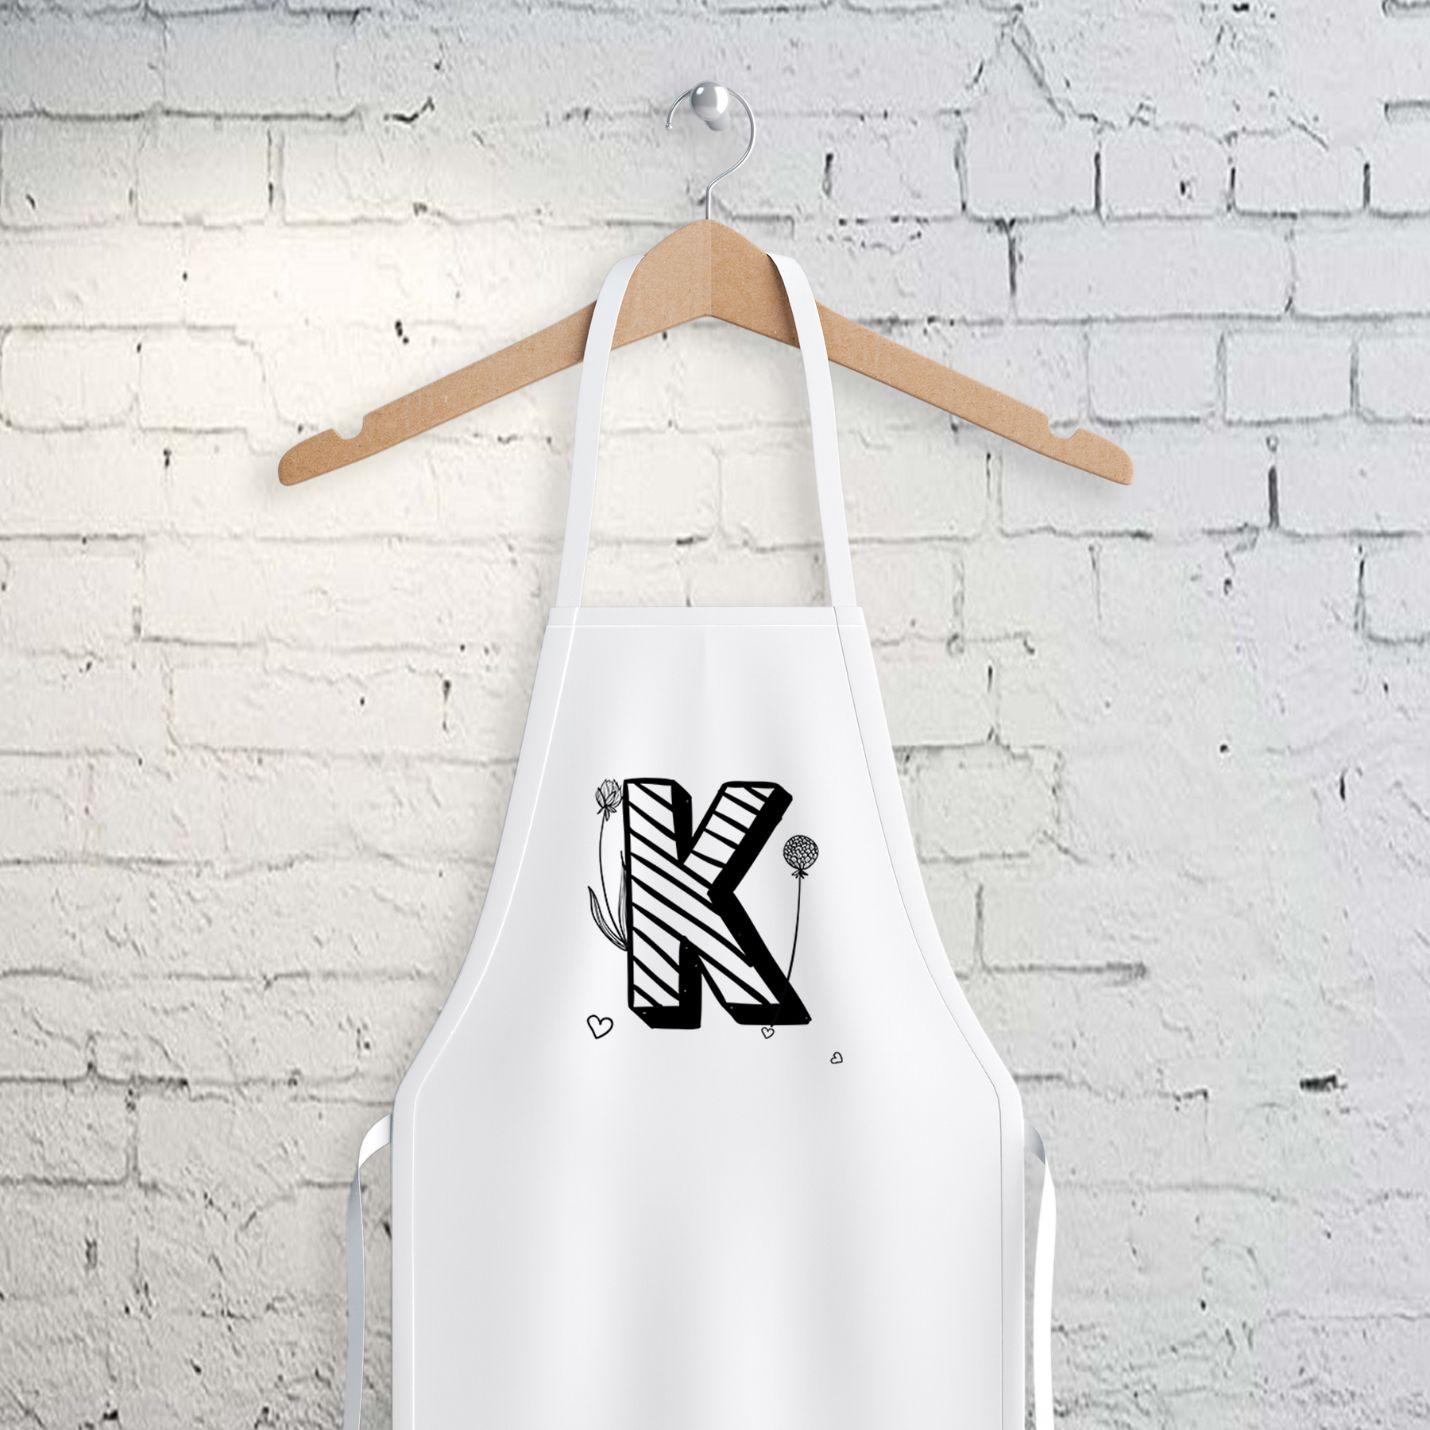 K Harfi Tasarımlı Mutfak Önlüğü